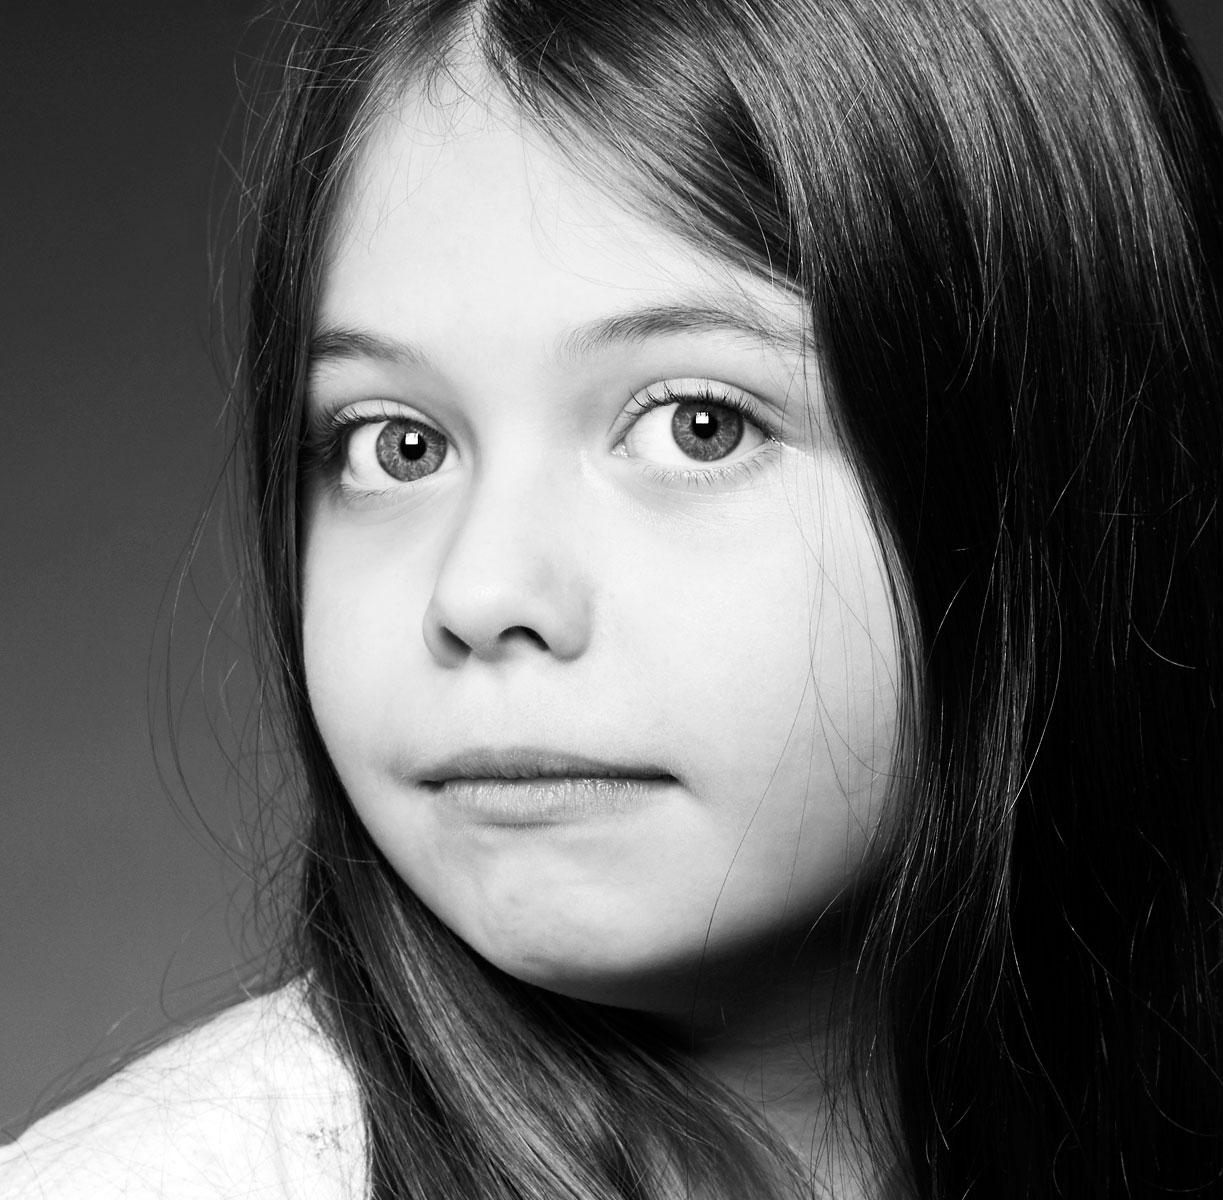 Zeitdokument Kinderfotografie: sieben Jahre später